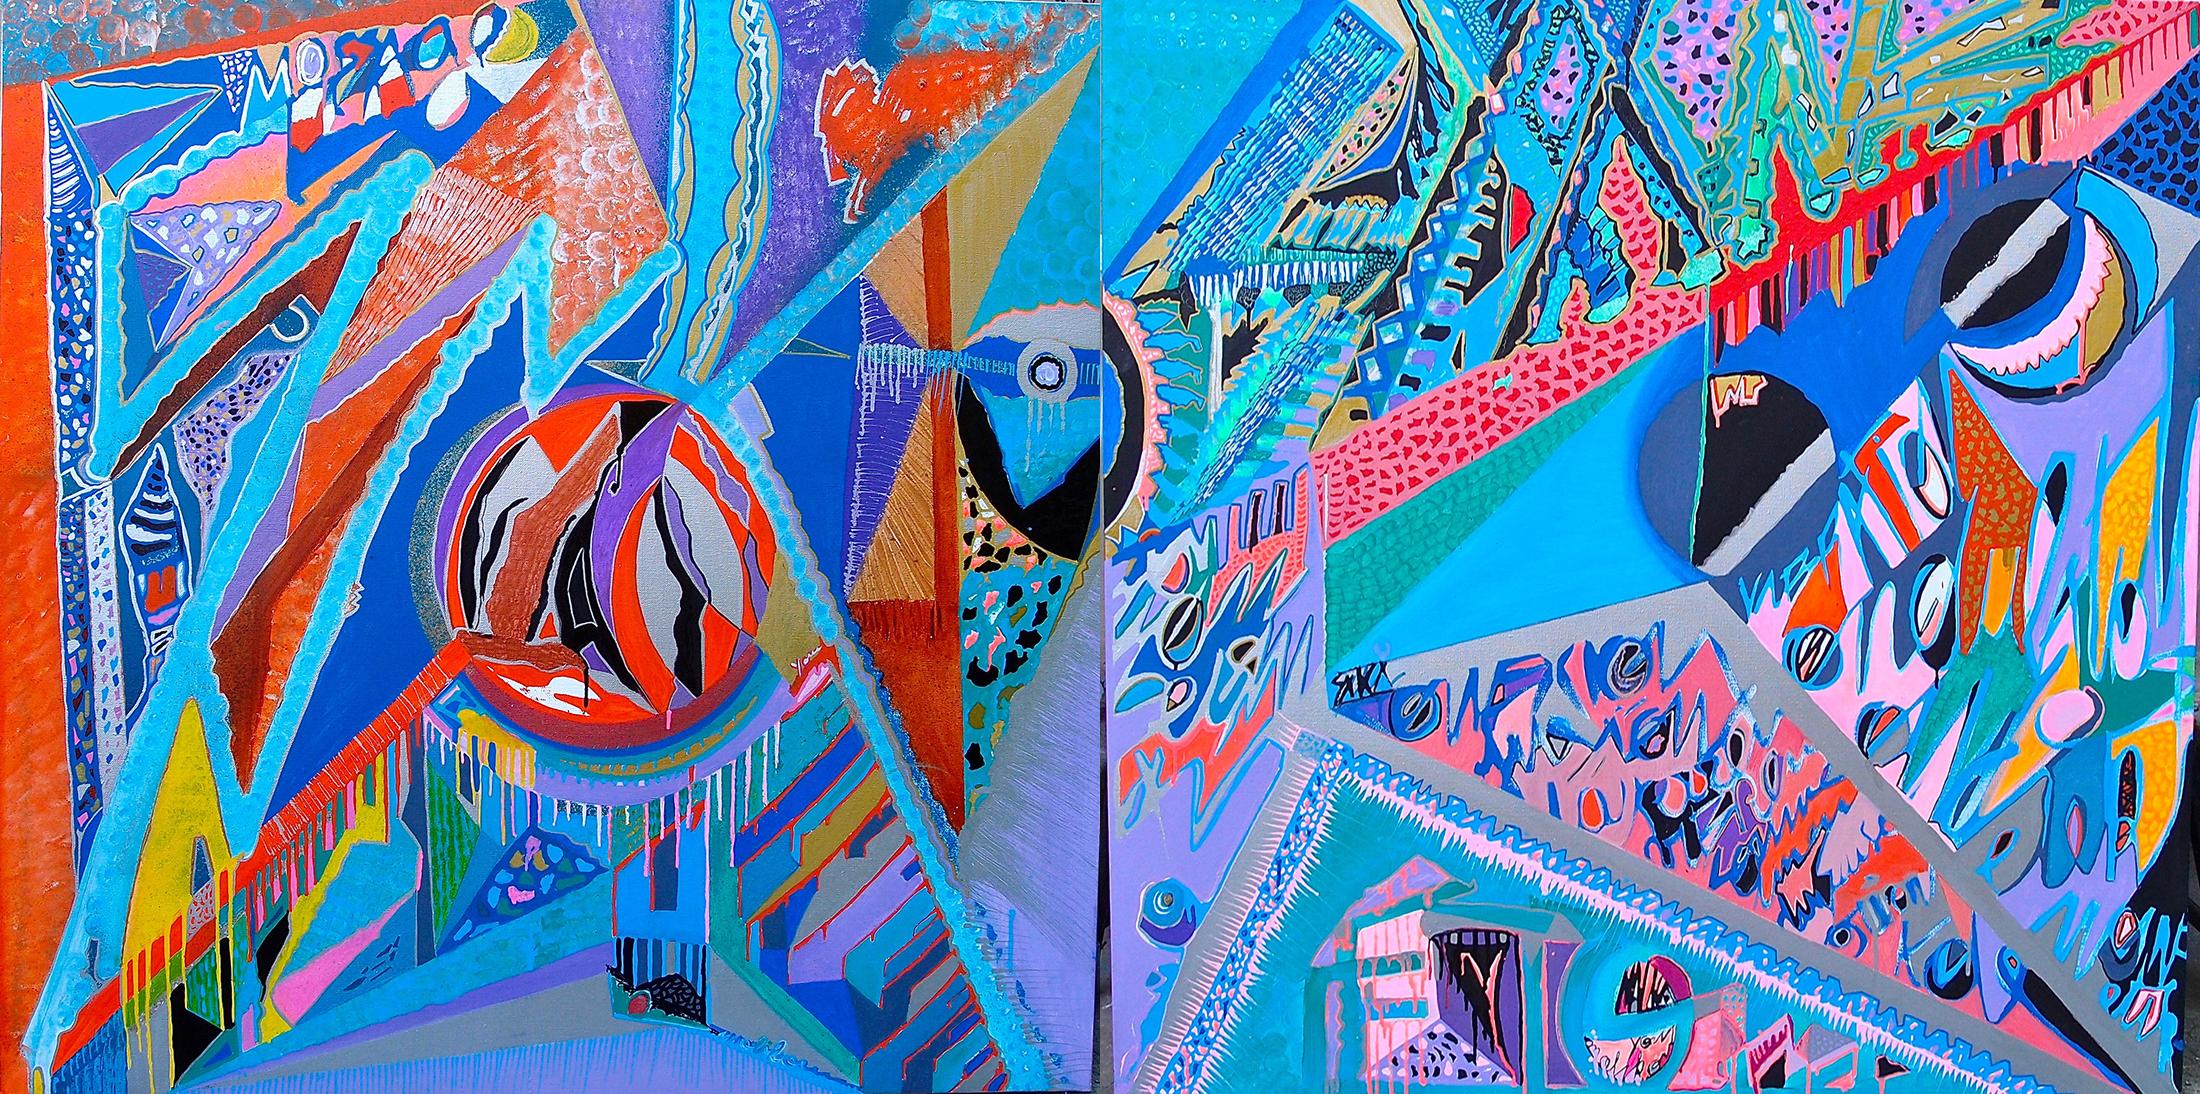 Diptych Earthquake  - 200x200cm peinture graffiti art tag 2014 - Dimension Fantasmic